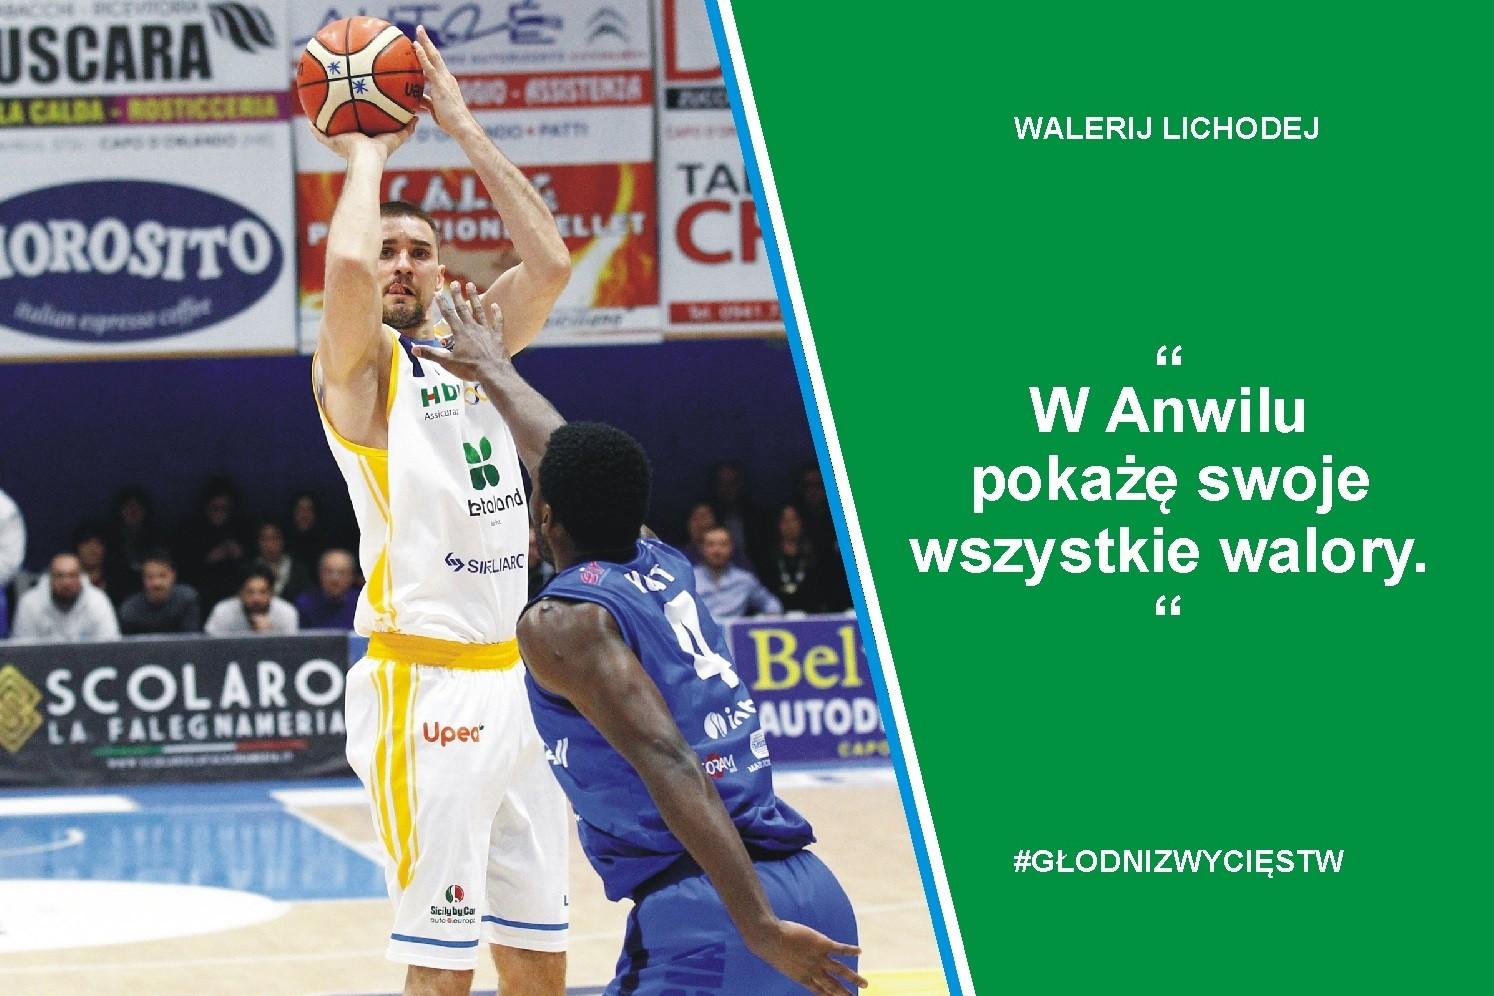 Walerij Lichodiej: W Anwilu pokażę swoje wszystkie walory